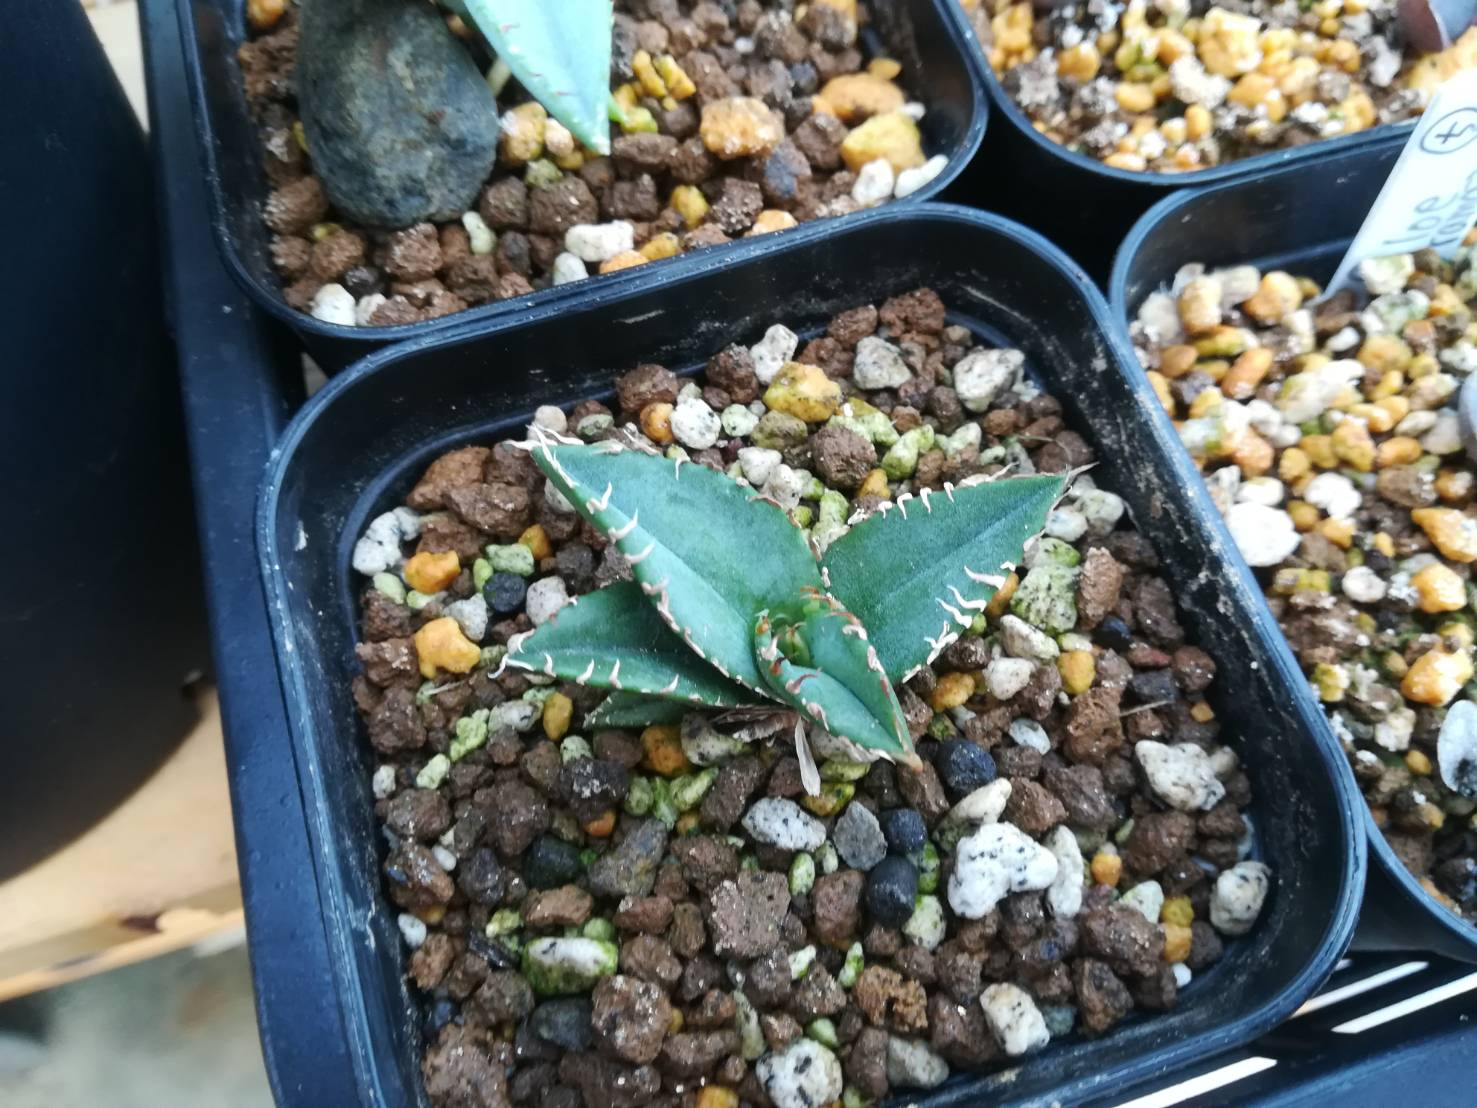 実生アガベのホリダ1年目。≪horrida ssp.horrida×実生の植え替えは禁物?≫